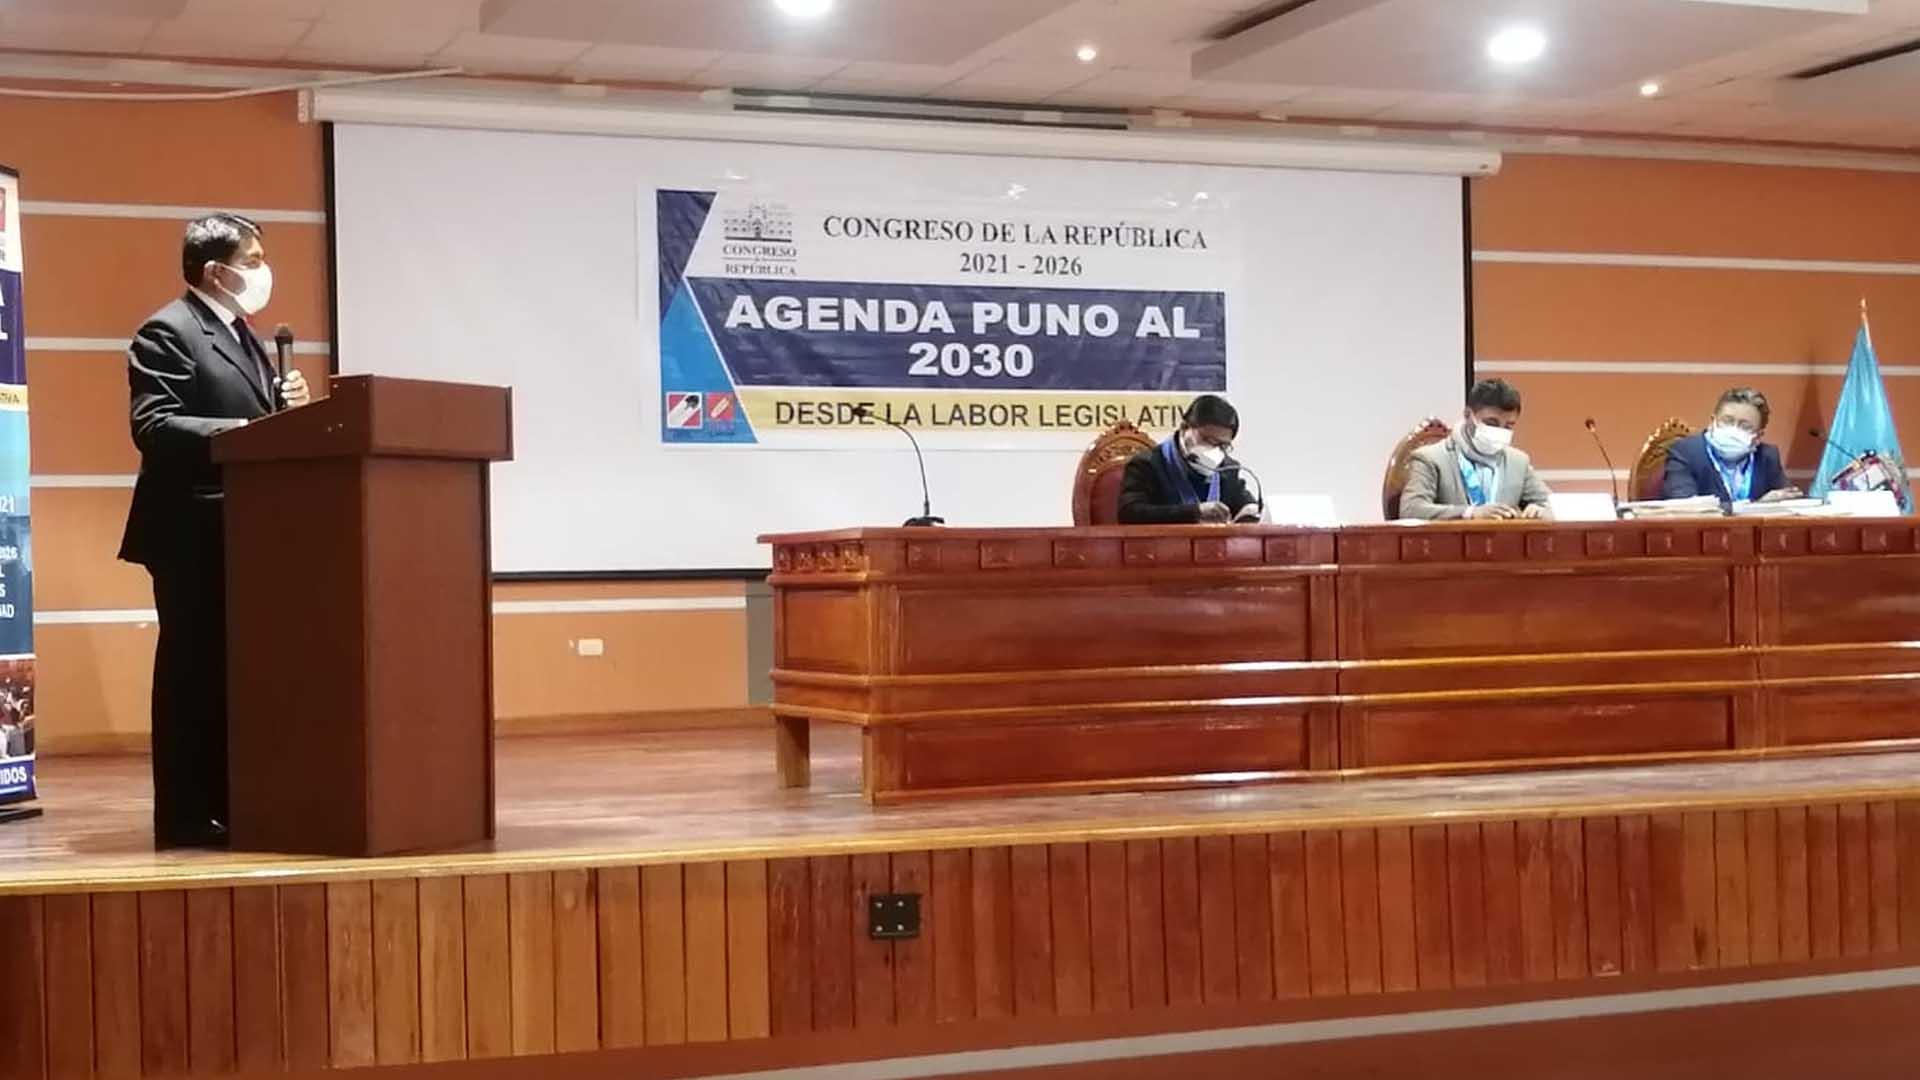 Agenda Puno al 2030